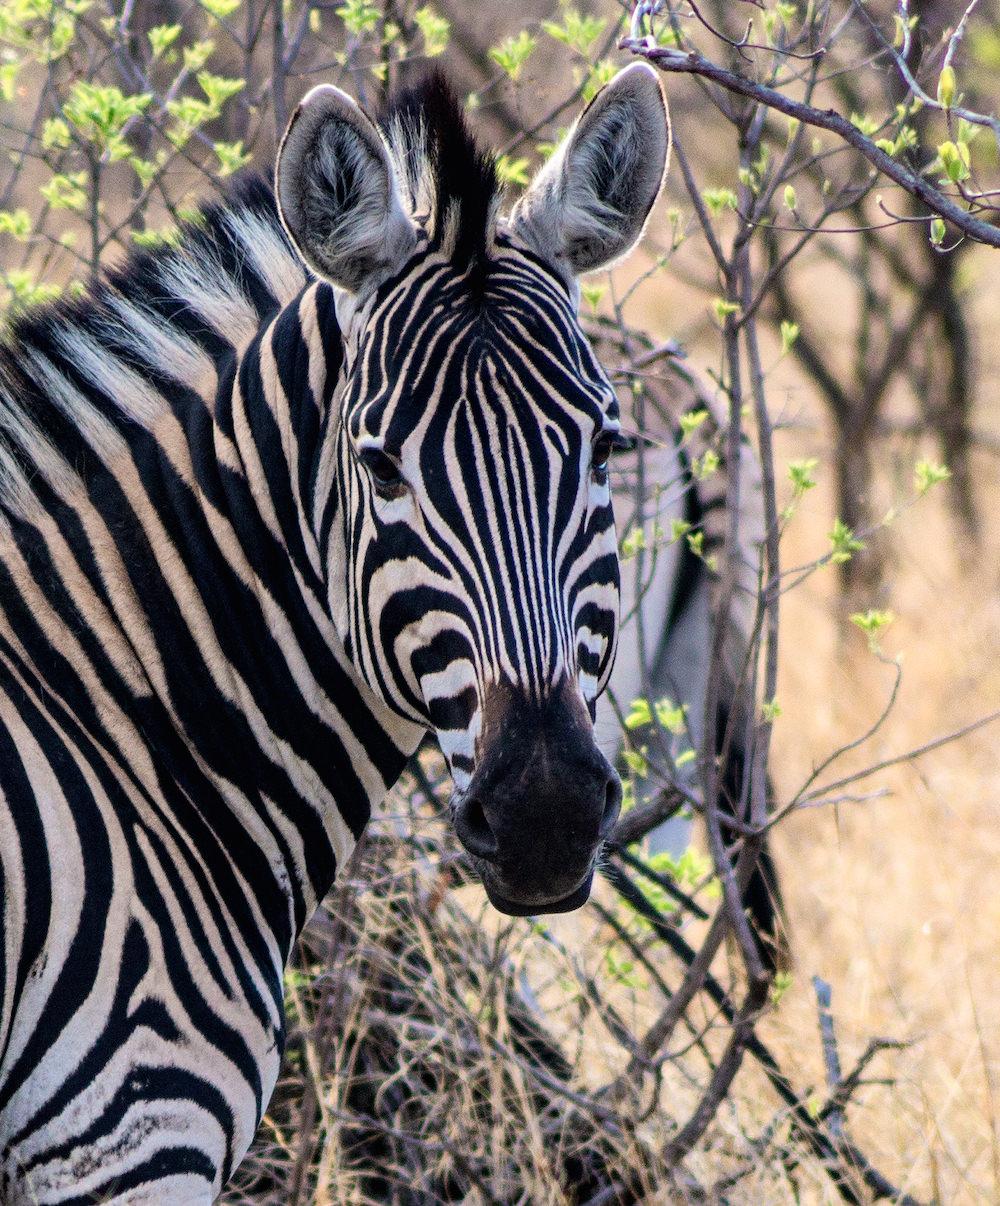 Mabalingwe Zebra |  © Photography by Marthinus Duckitt